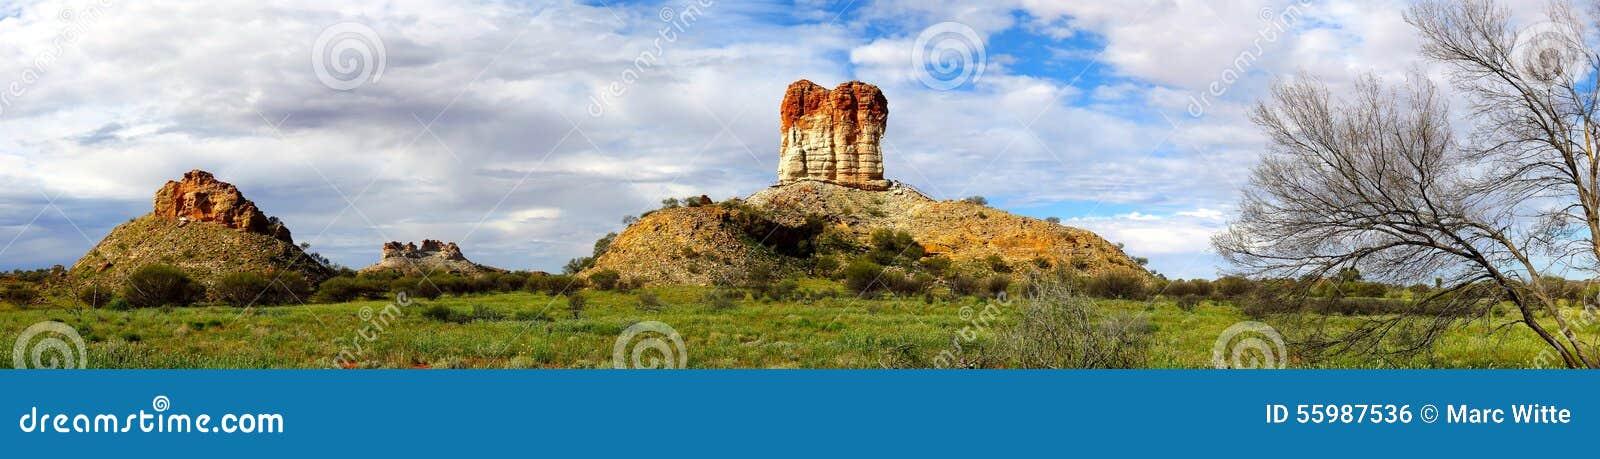 Chambers Pillar, Nothern Territory, Australia